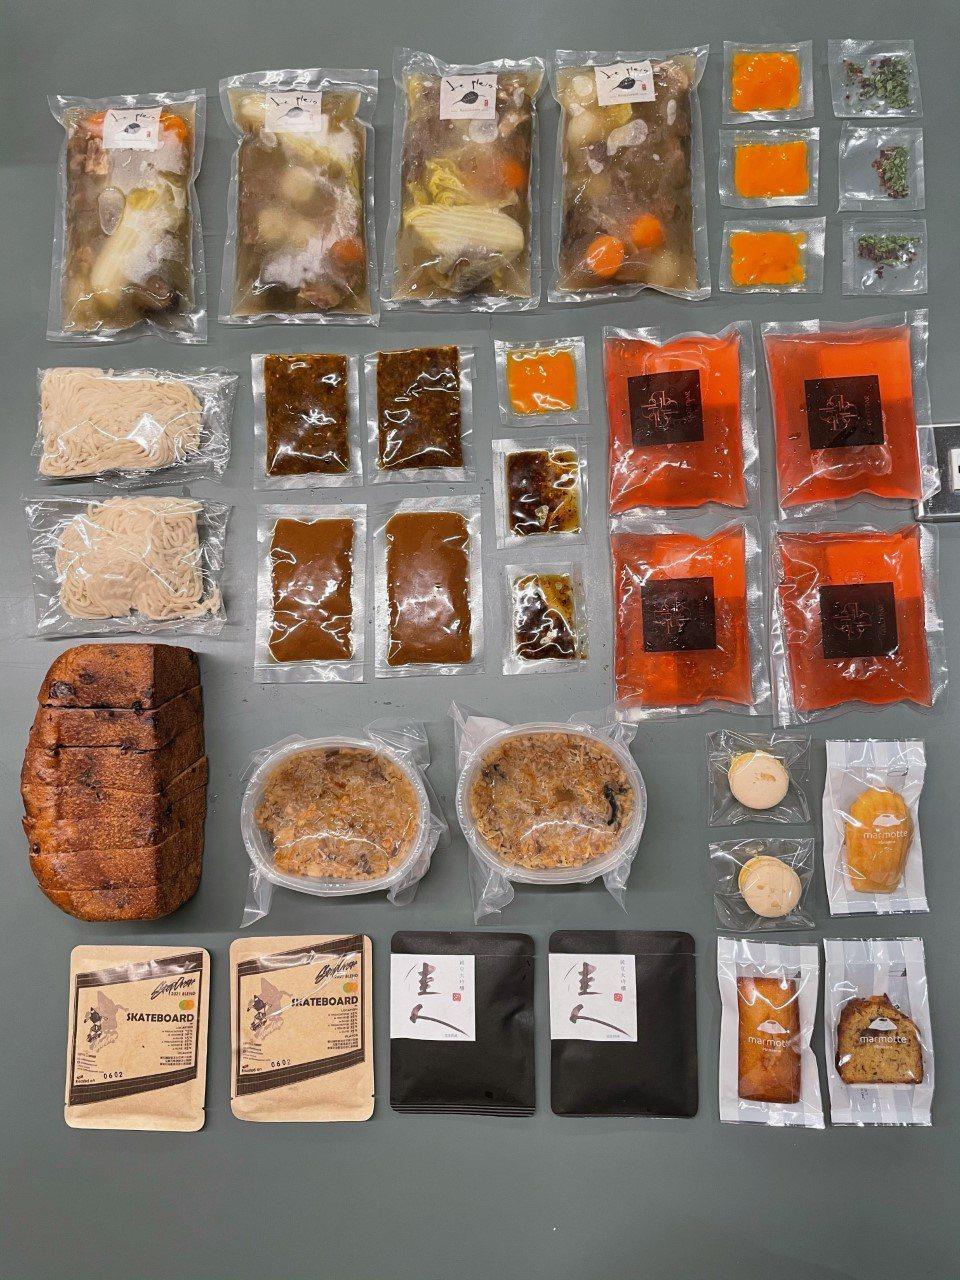 「台中防疫備戰糧包 MRE 2.0」從主食、小食、甜點到飲品,一應俱全。圖/福嘀...